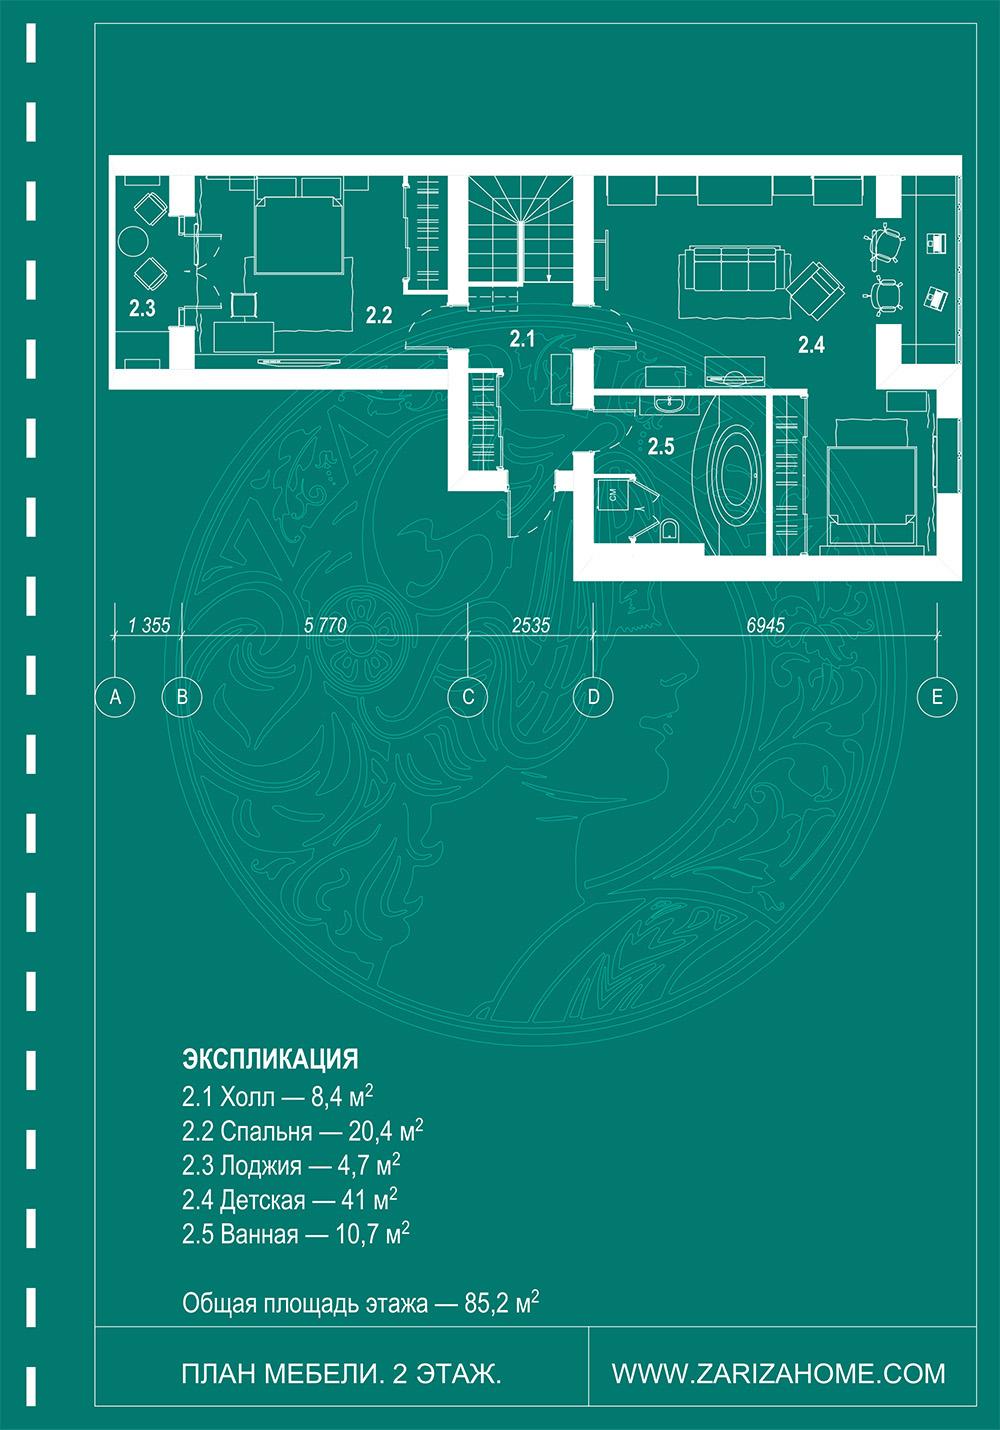 перепланировка 2-го этажа двухуровневой квартиры Current state